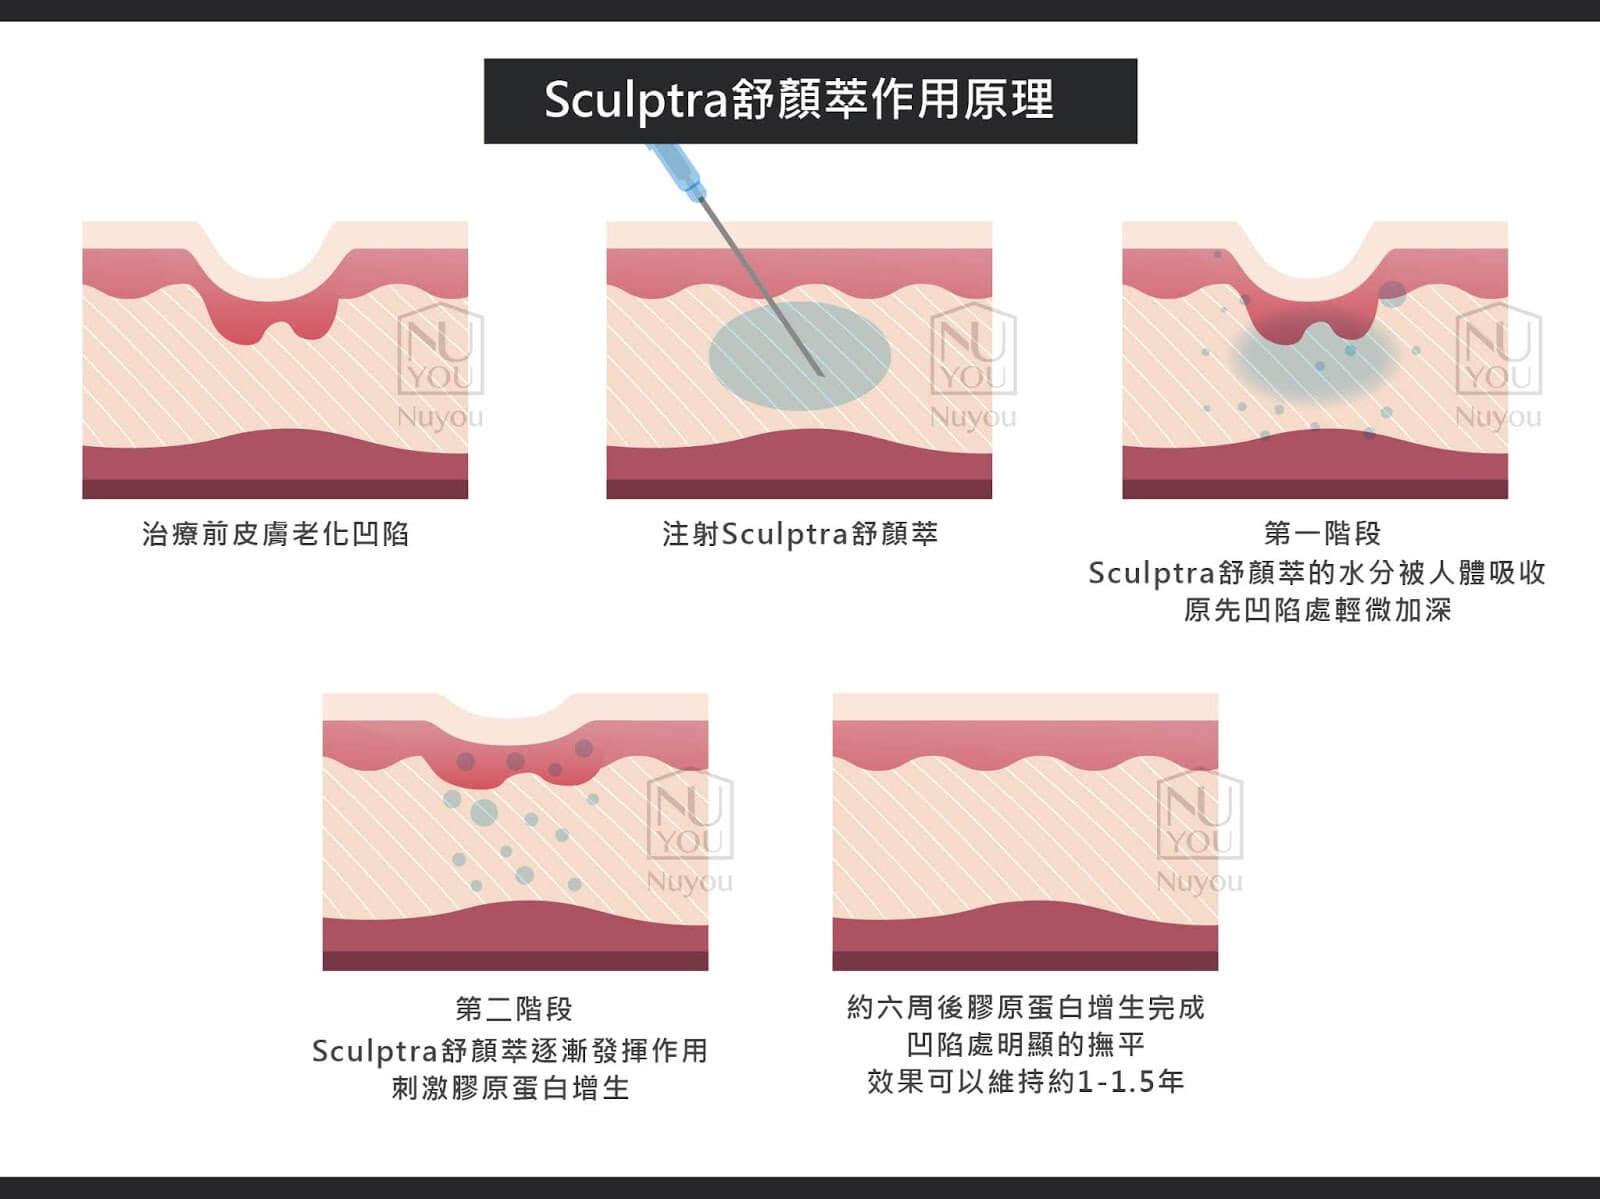 Sculptra舒顏萃作用原理